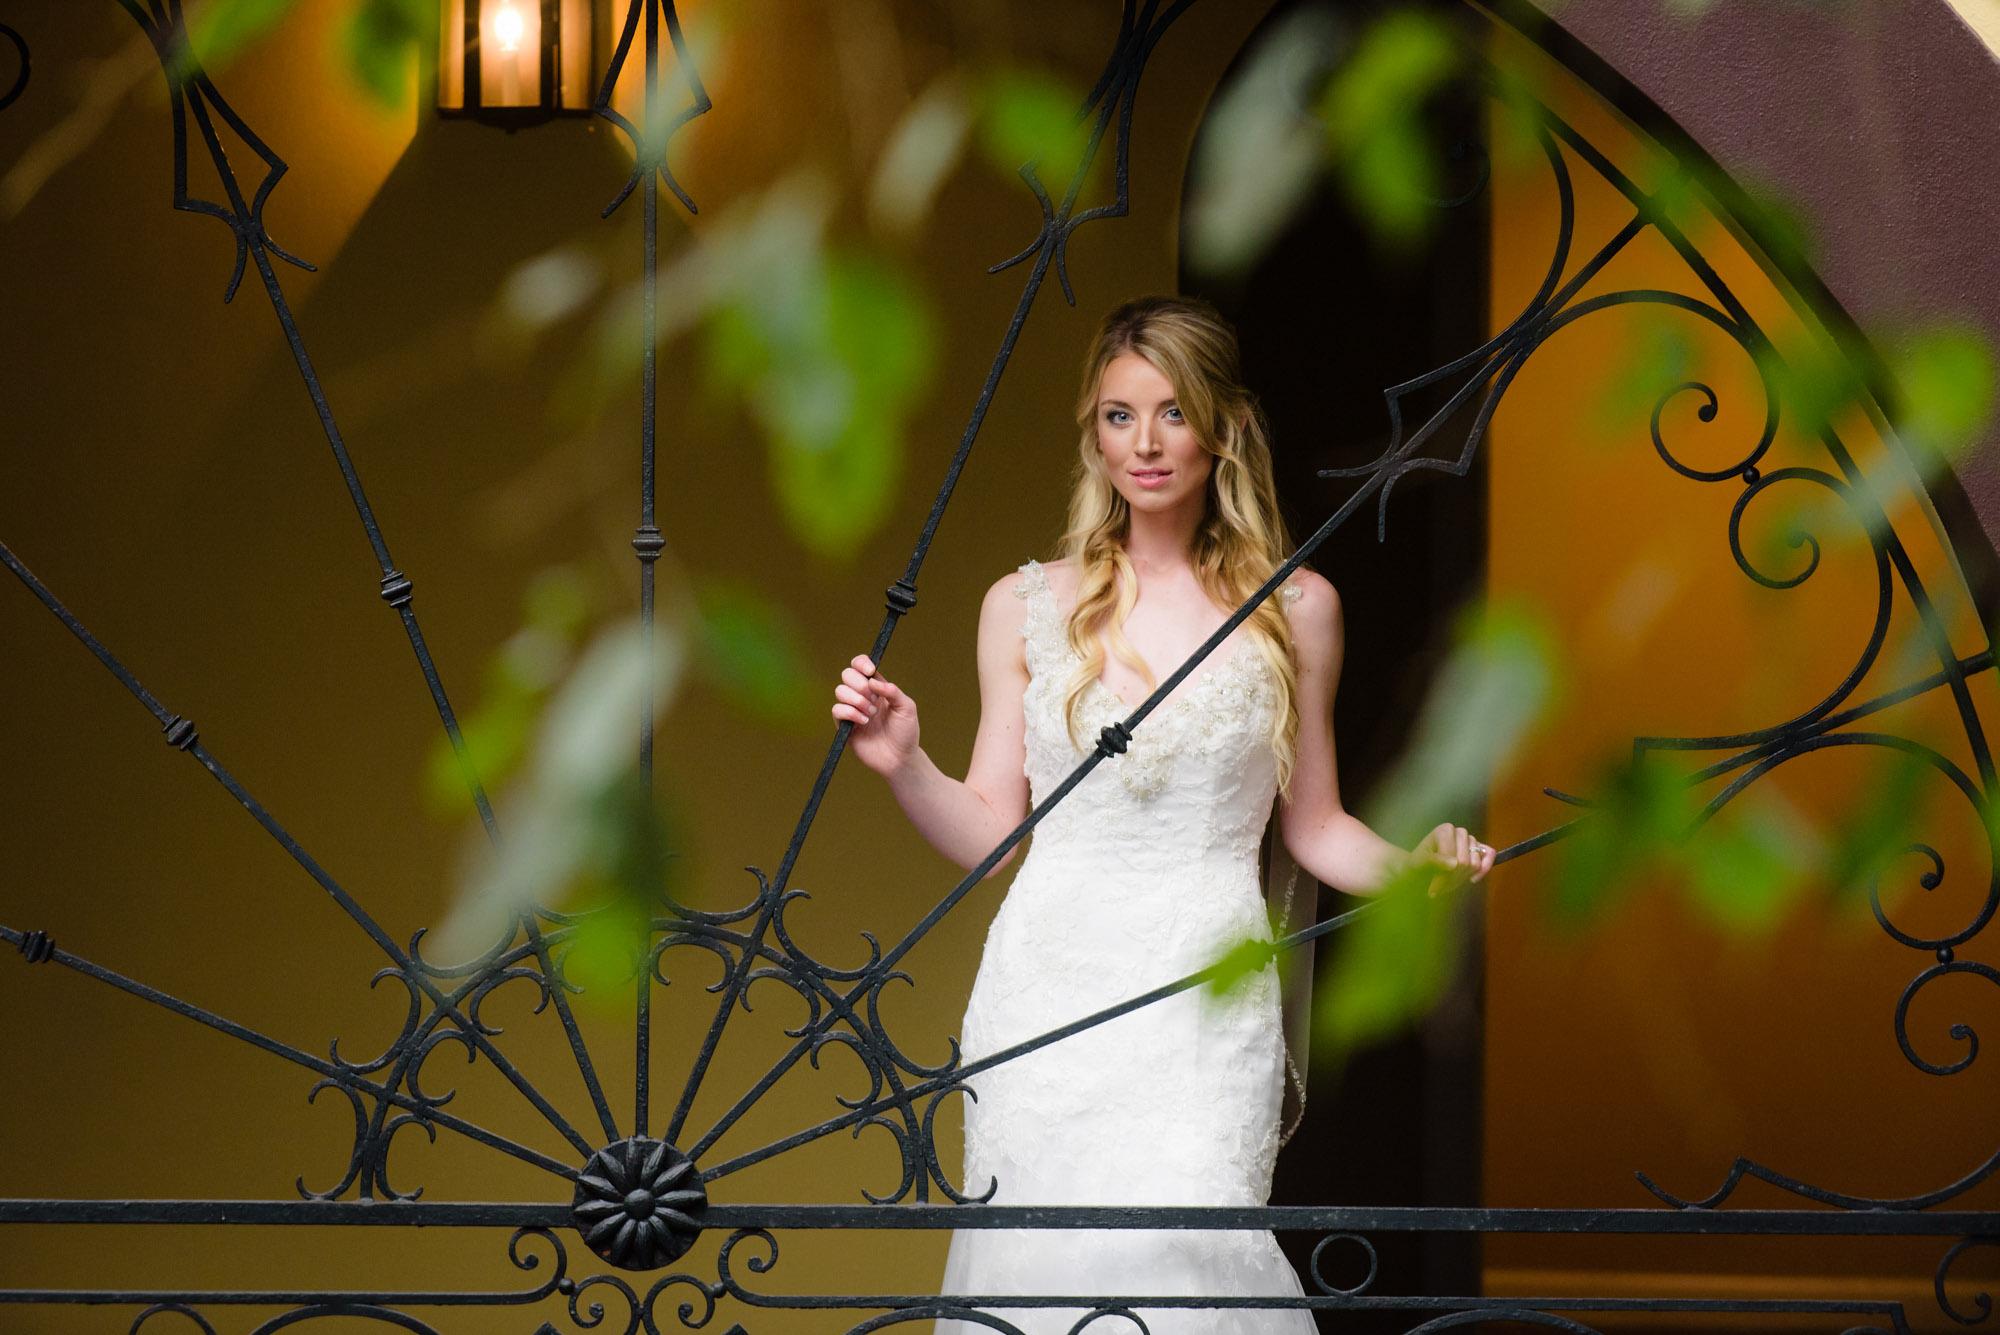 Bride at New Orleans' Hotel Mazarin